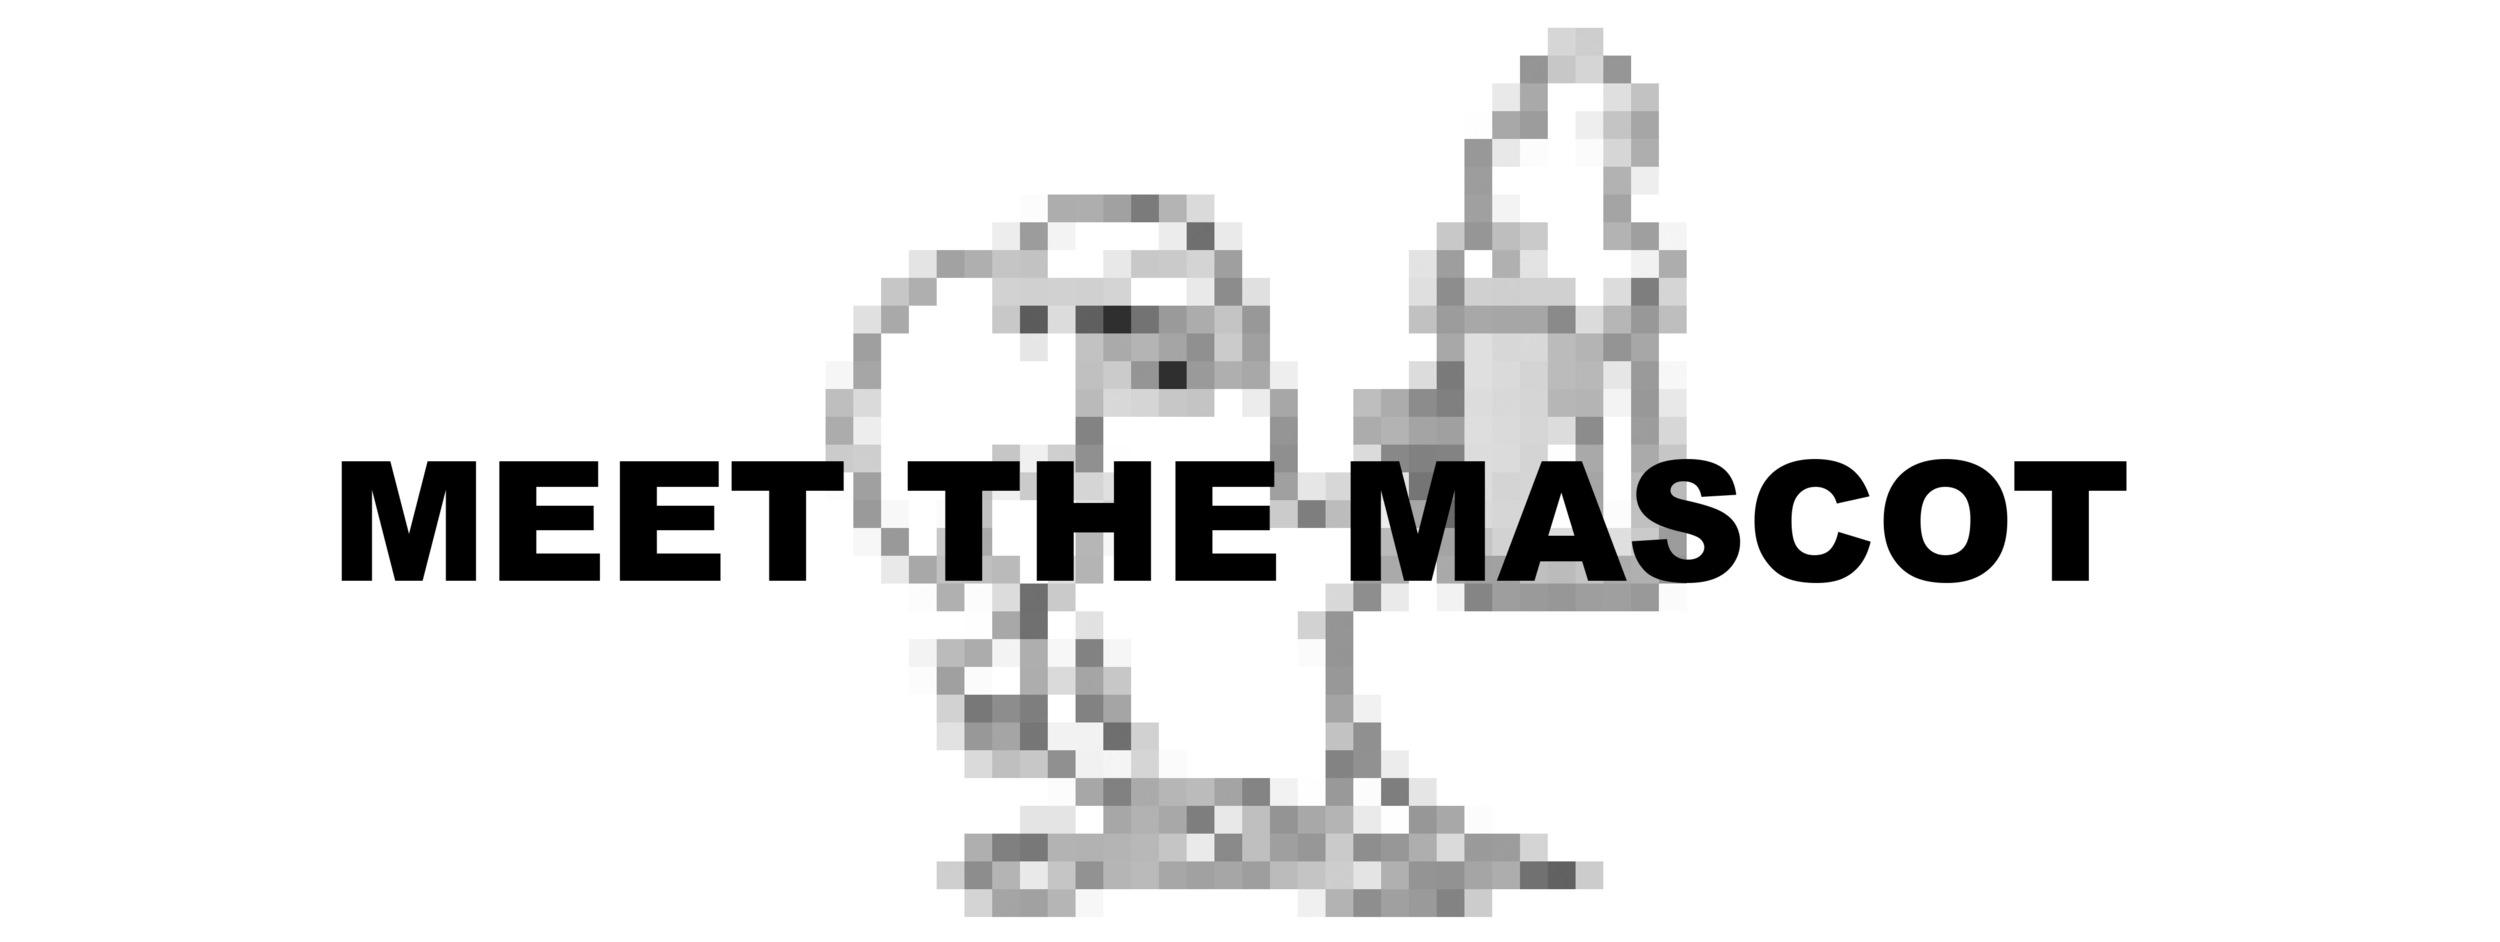 Meet the Mascot.jpg